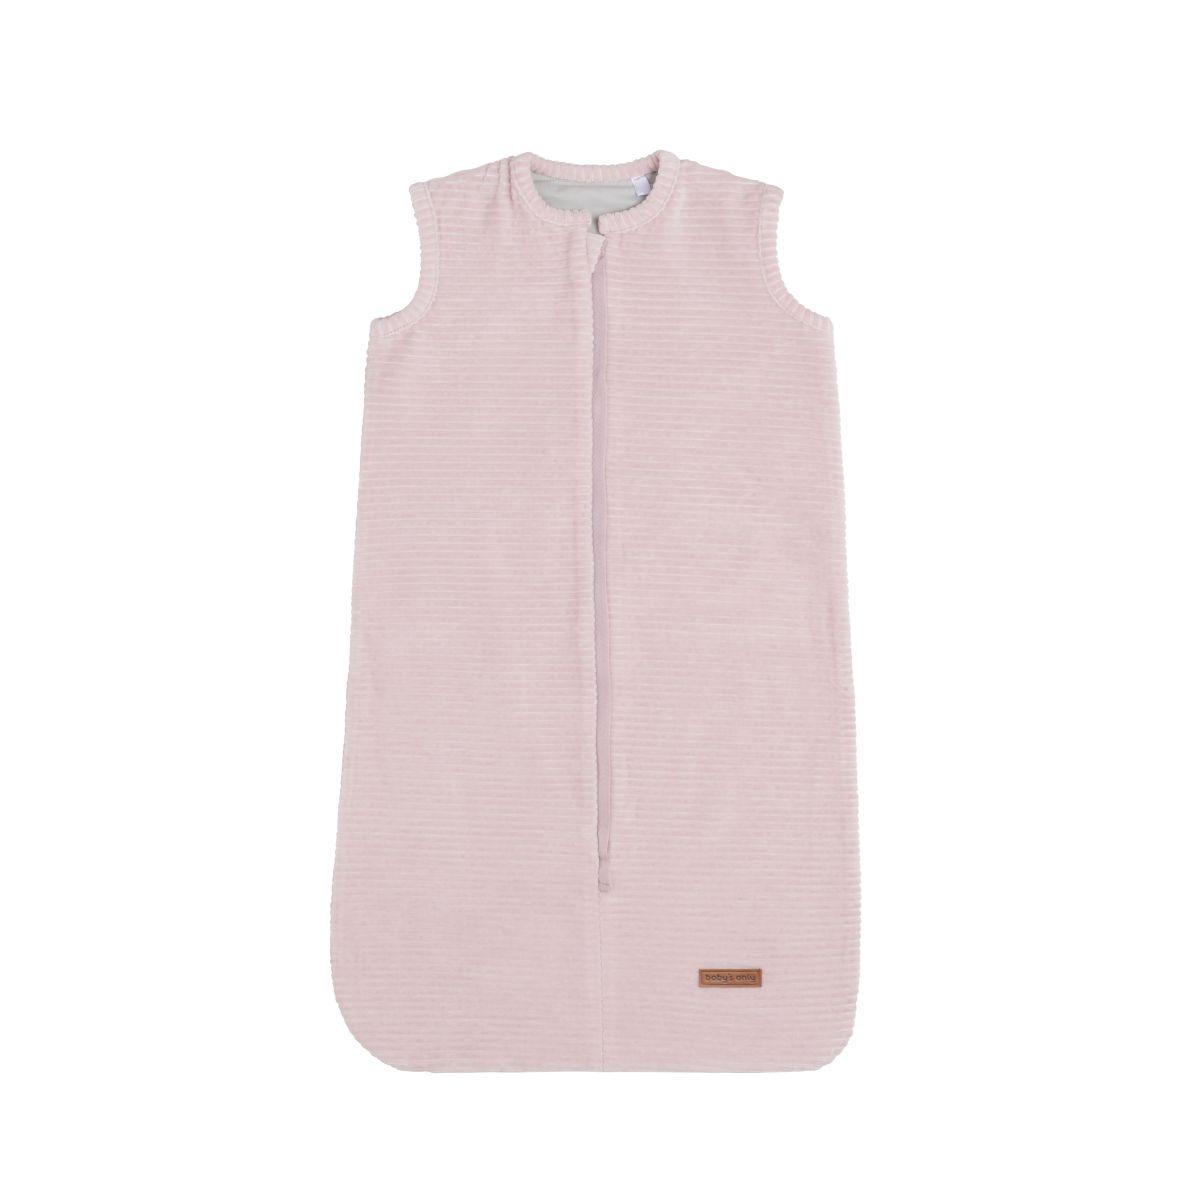 sleeping bag sense old pink 70 cm